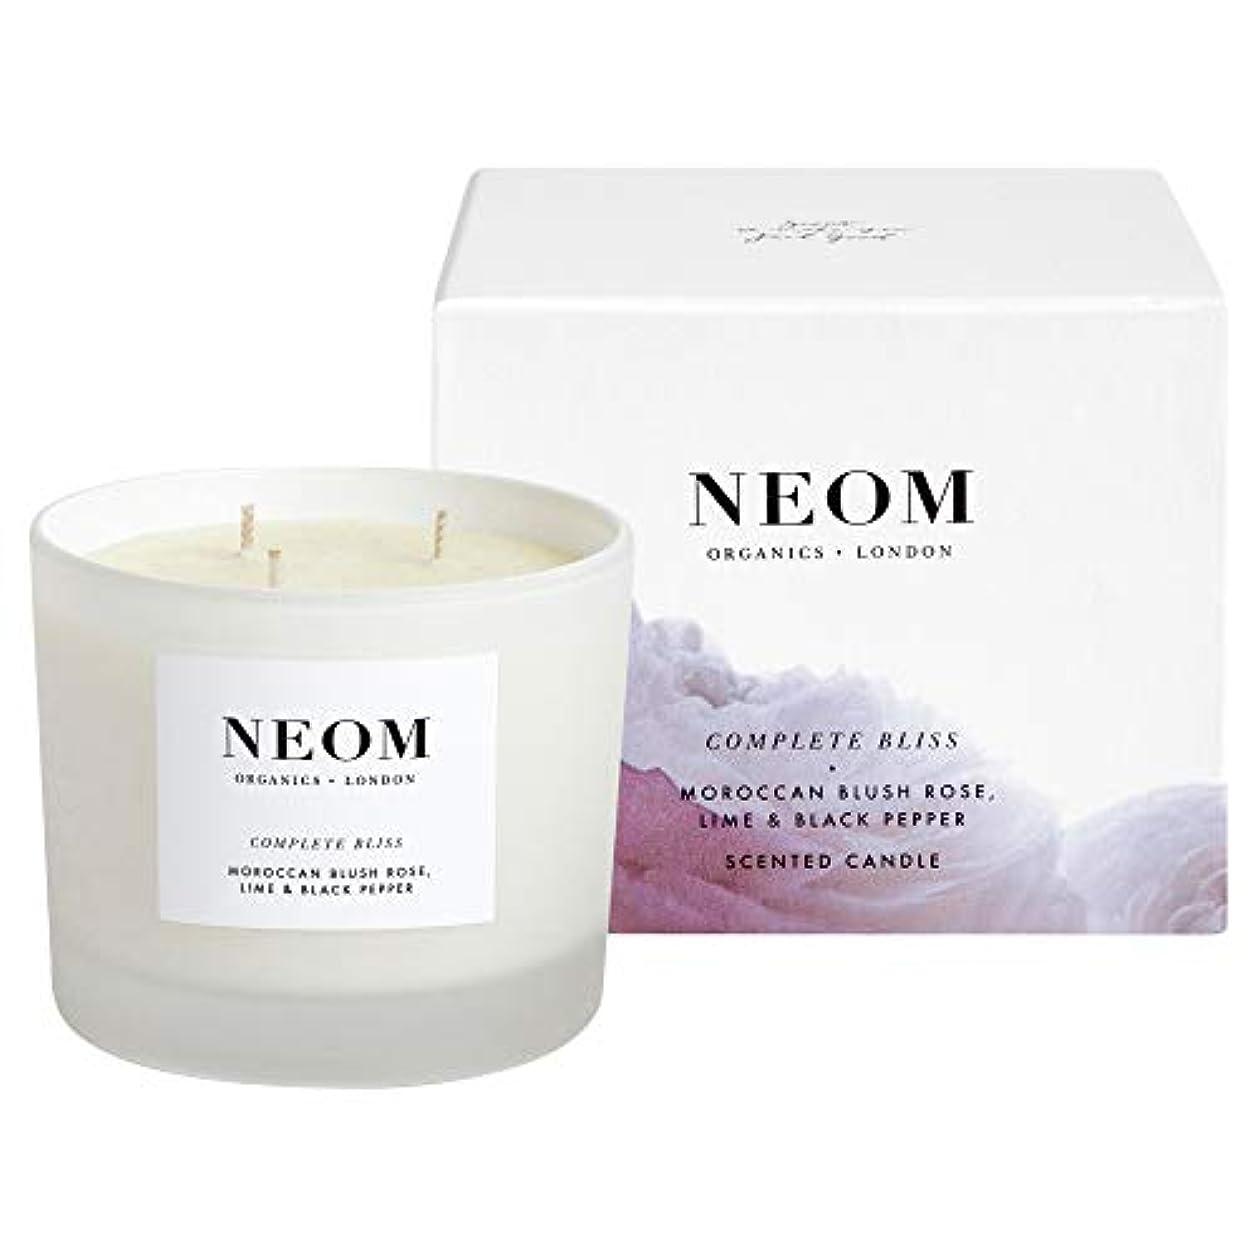 会話型肥沃な策定する[Neom] Neom完全な至福3芯キャンドル420グラム - Neom Complete Bliss 3 Wick Candle 420g [並行輸入品]